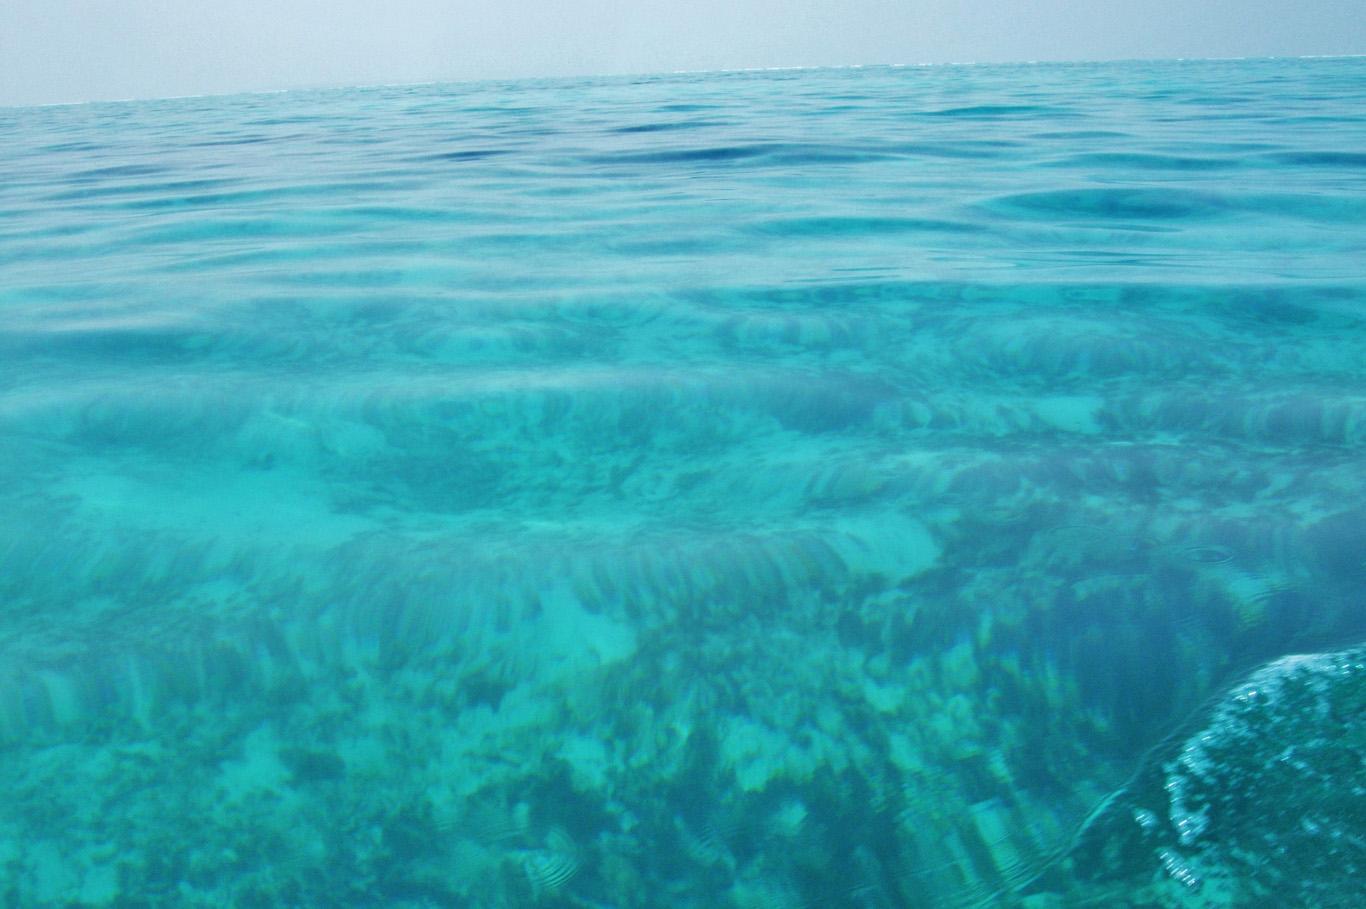 Crystal clear waters in Lakshadweep Islands